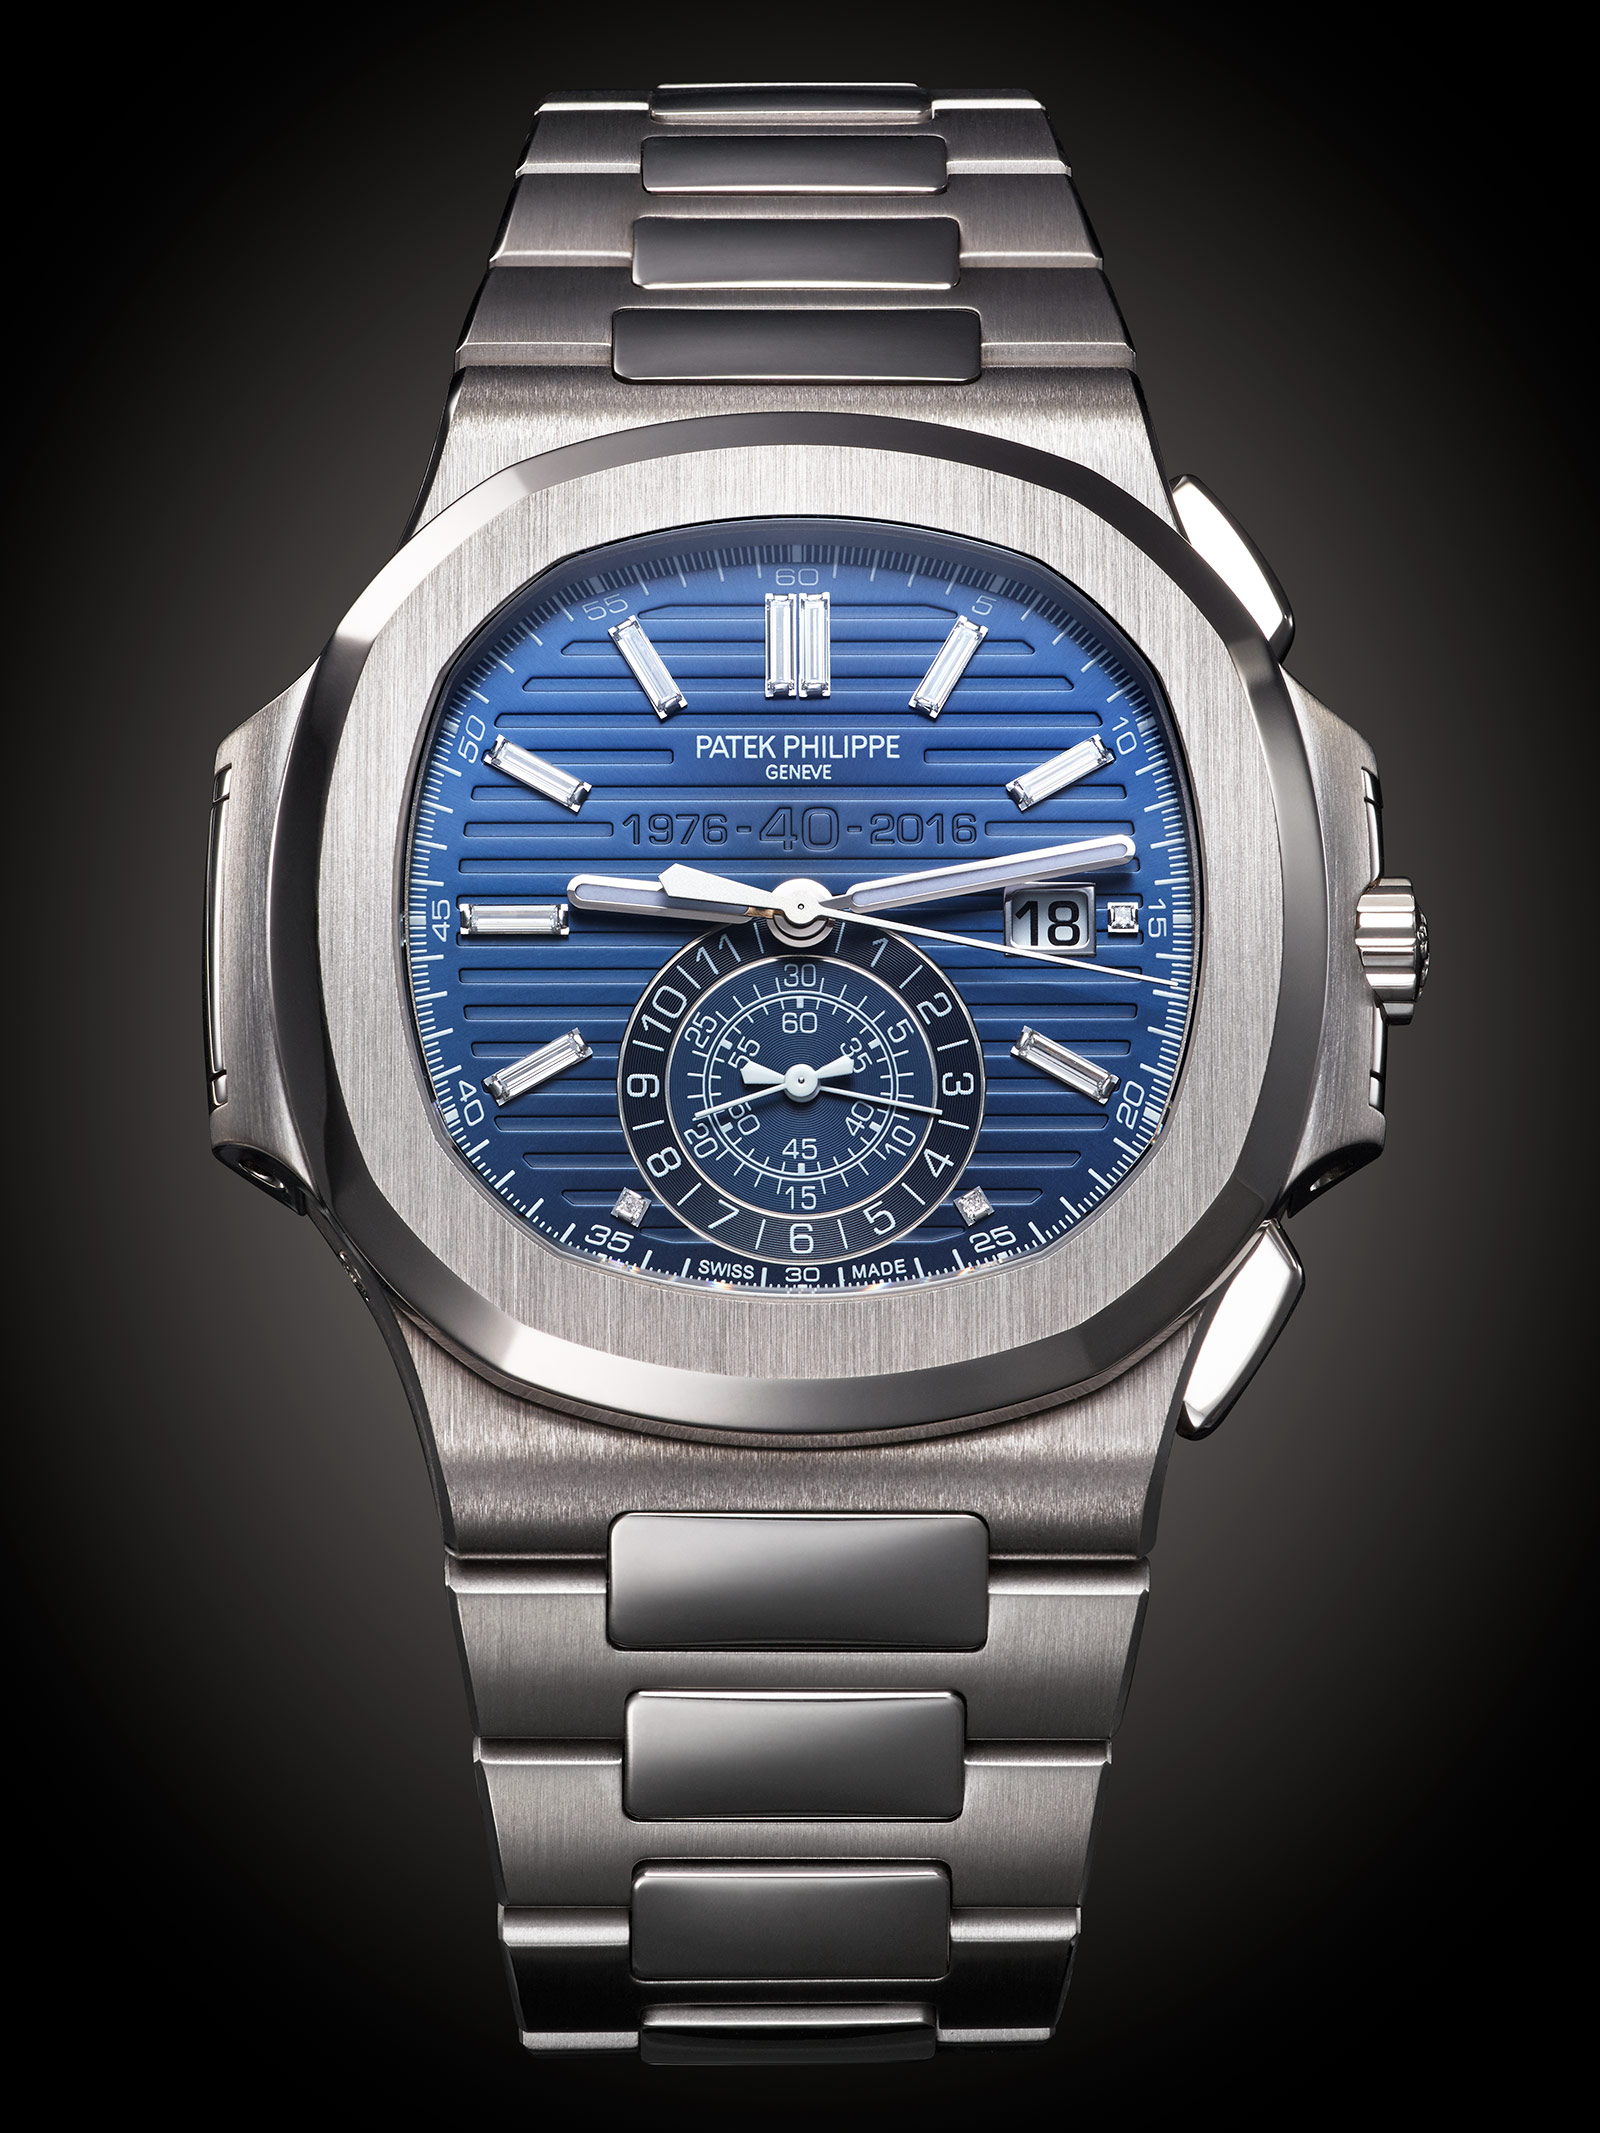 Patek Philippe Nautilus Chronograph Ref. 5976-1G 40th Anniversary 1